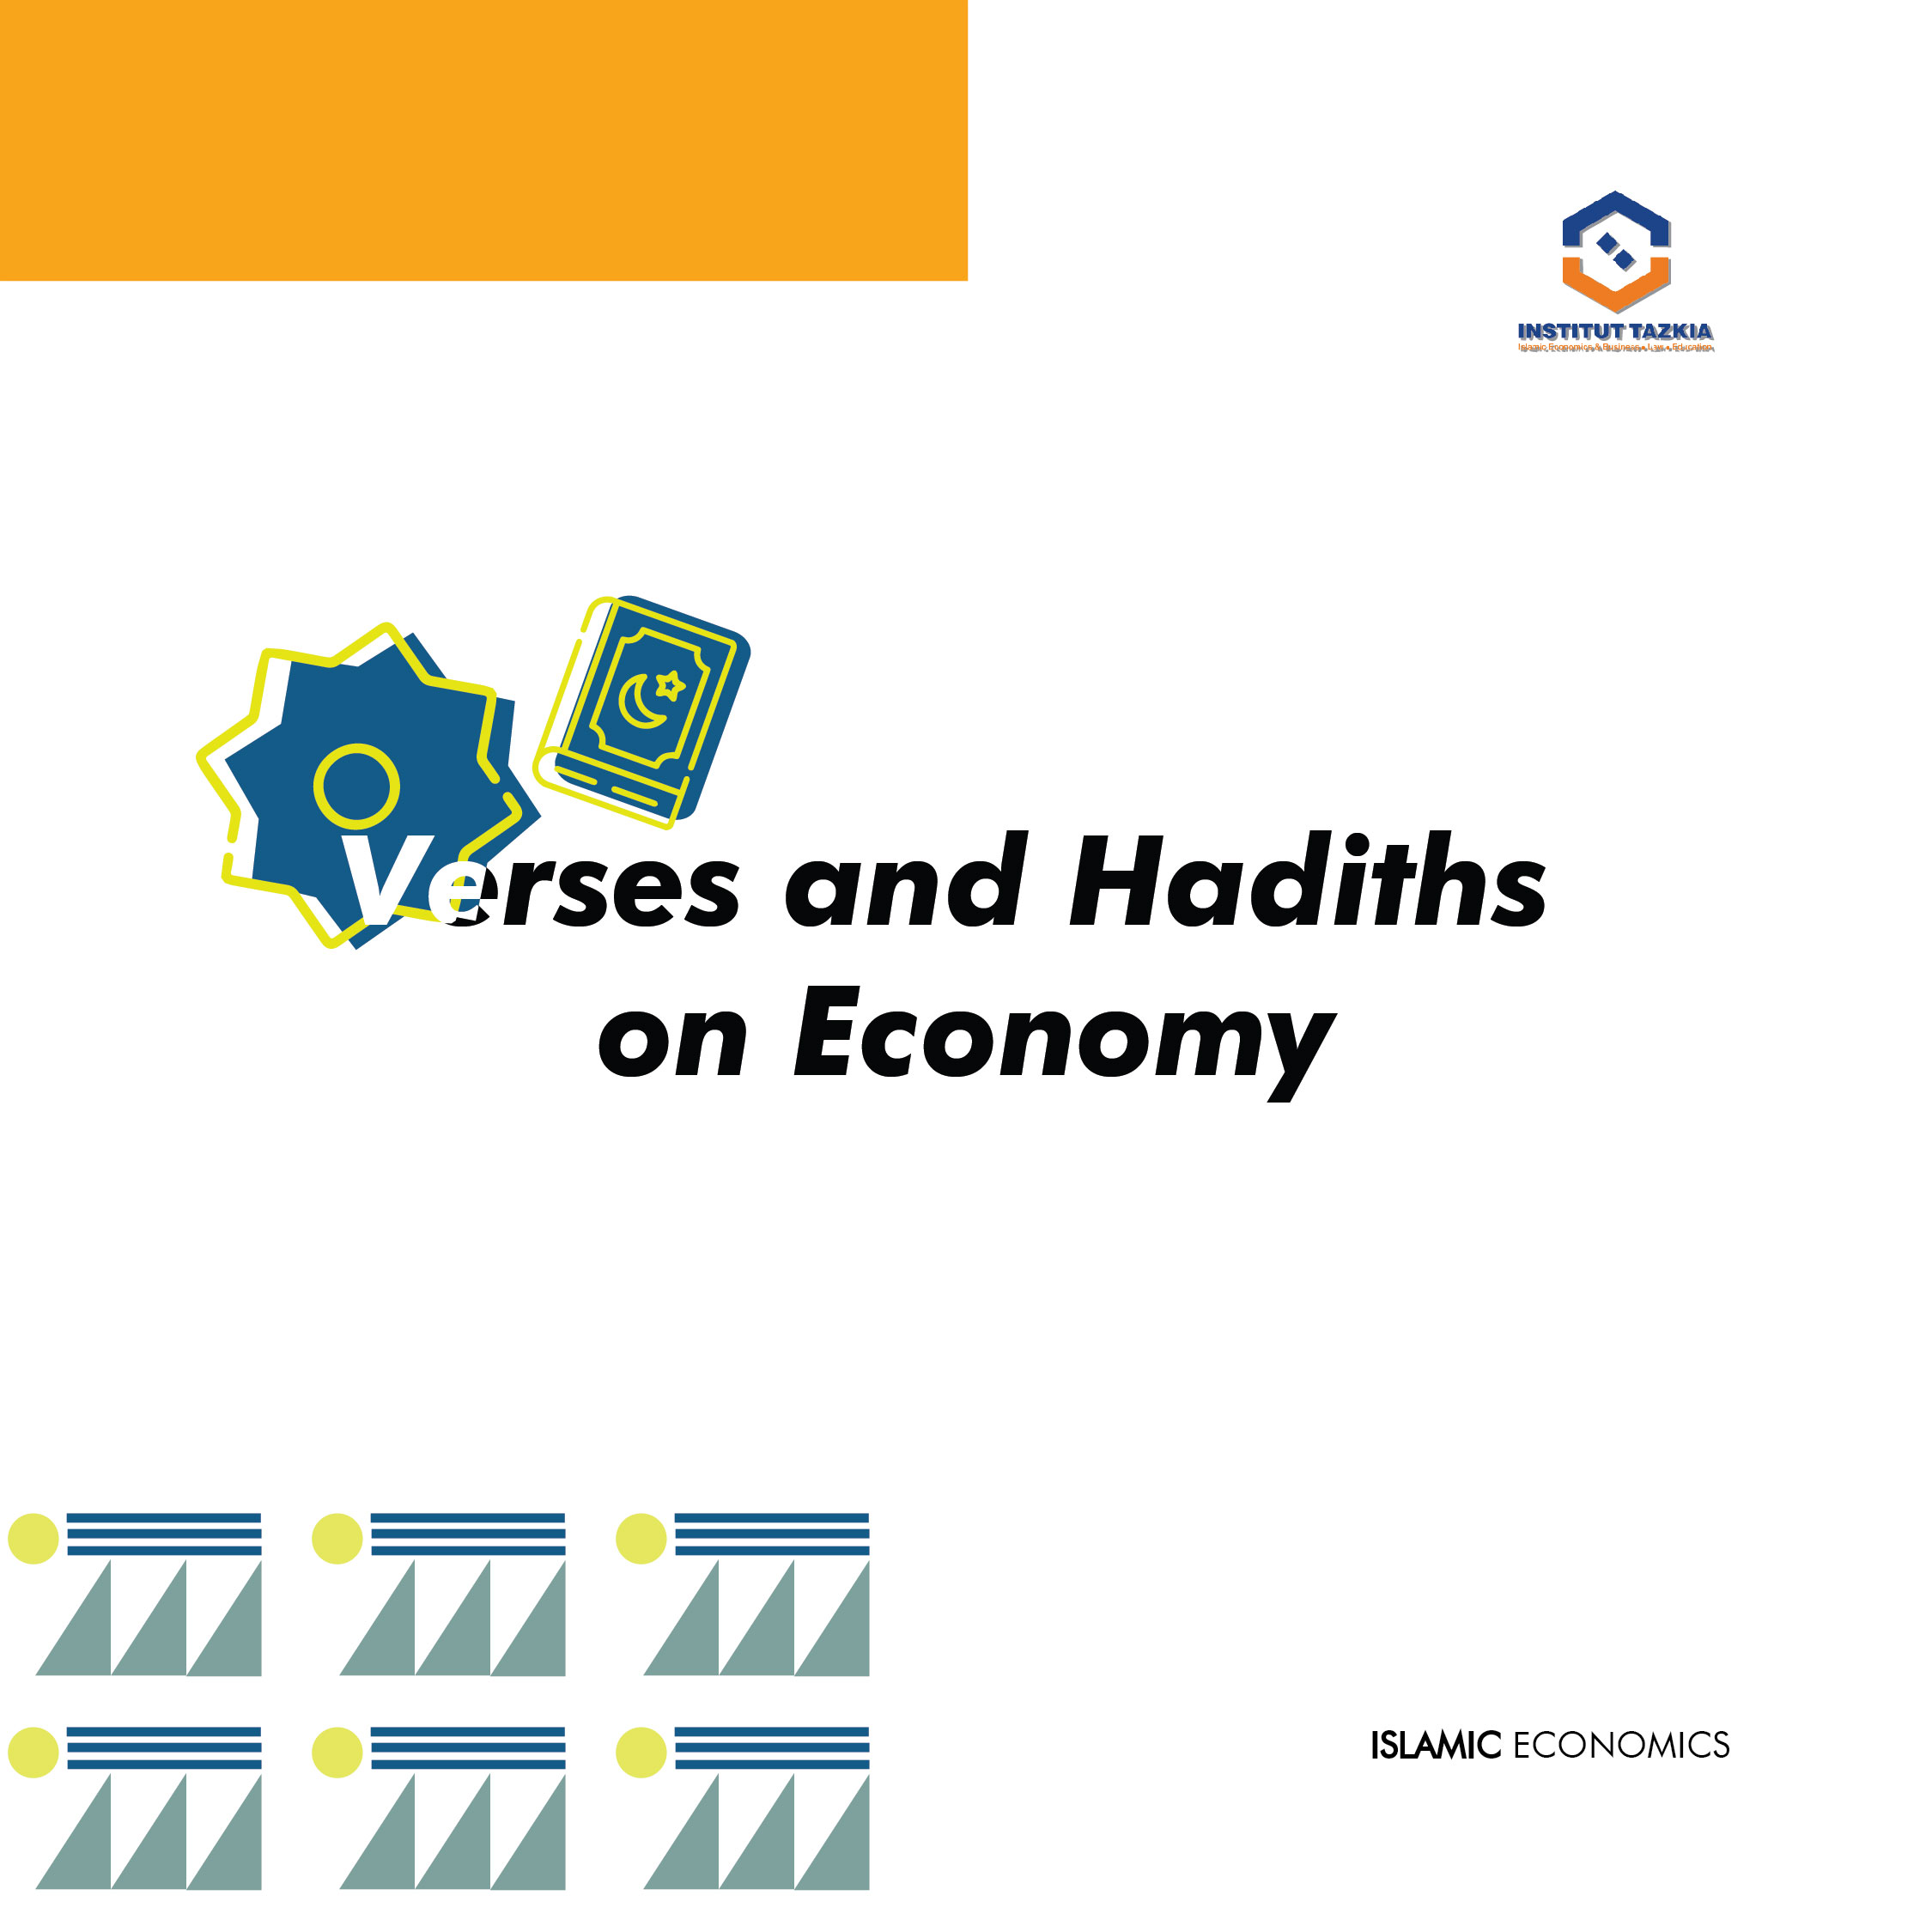 20201 Verses and Hadiths on Economy Esy-19-KMI-IP